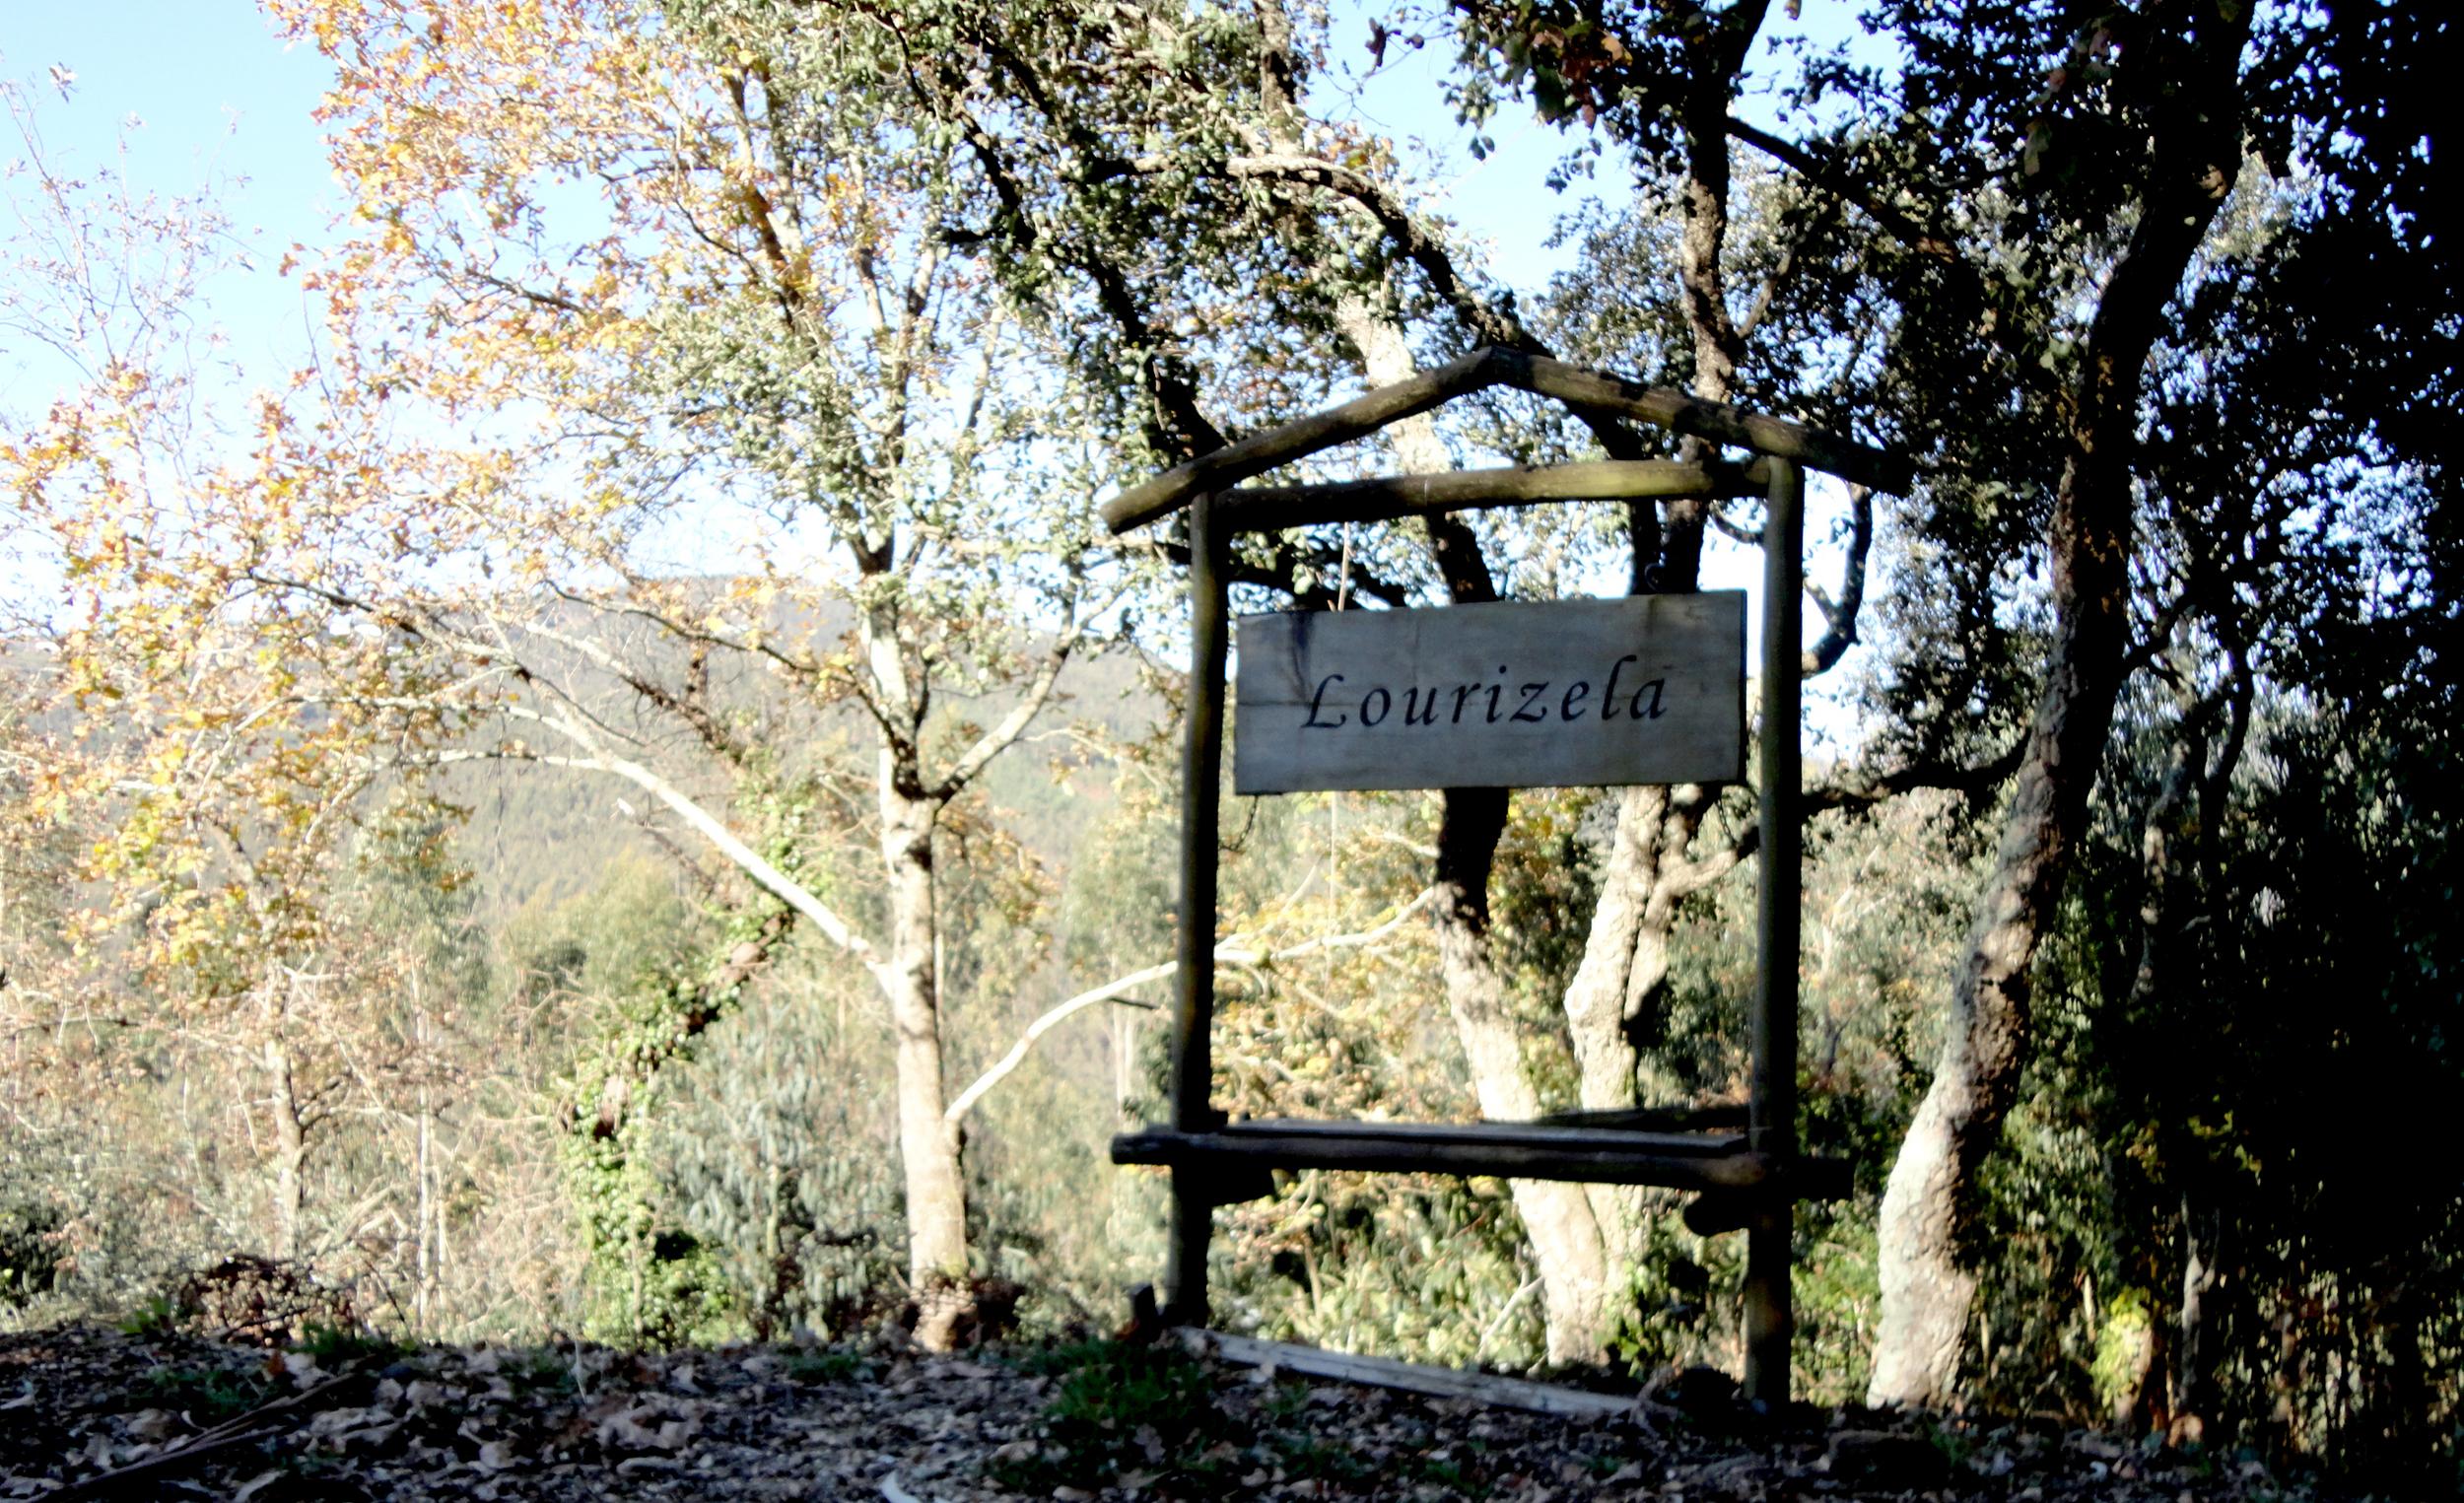 aldeia lourizela, préstimo.